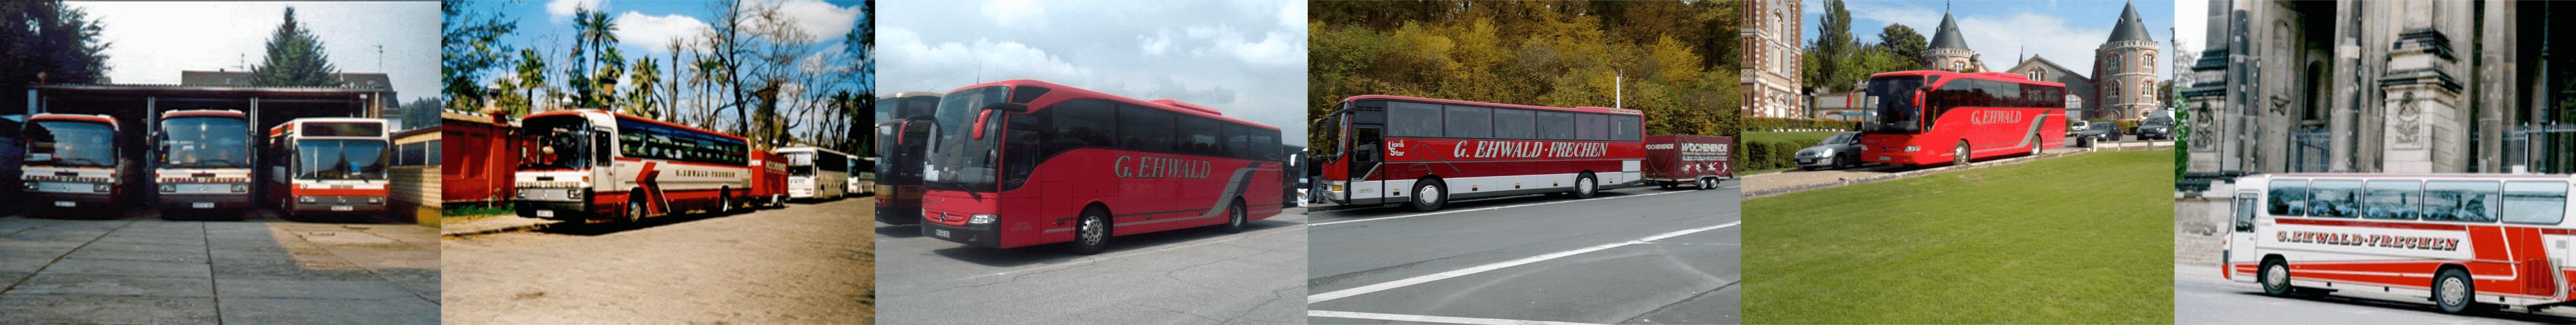 Busreise nach Berlin, Köln und London.